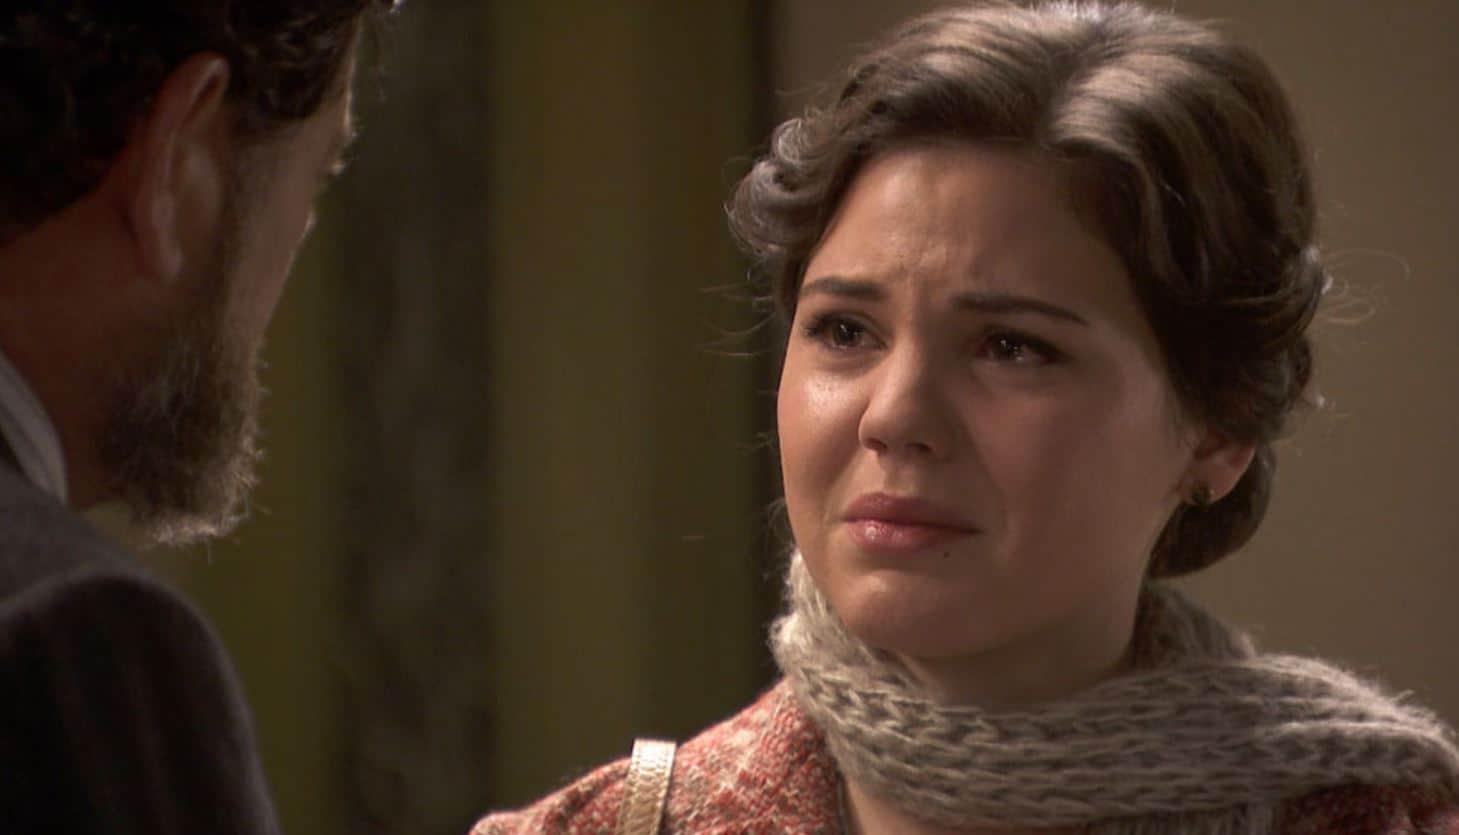 Il segreto anticipazioni, si torna domenica: Marcela è incinta ma chi è il padre del bambino?